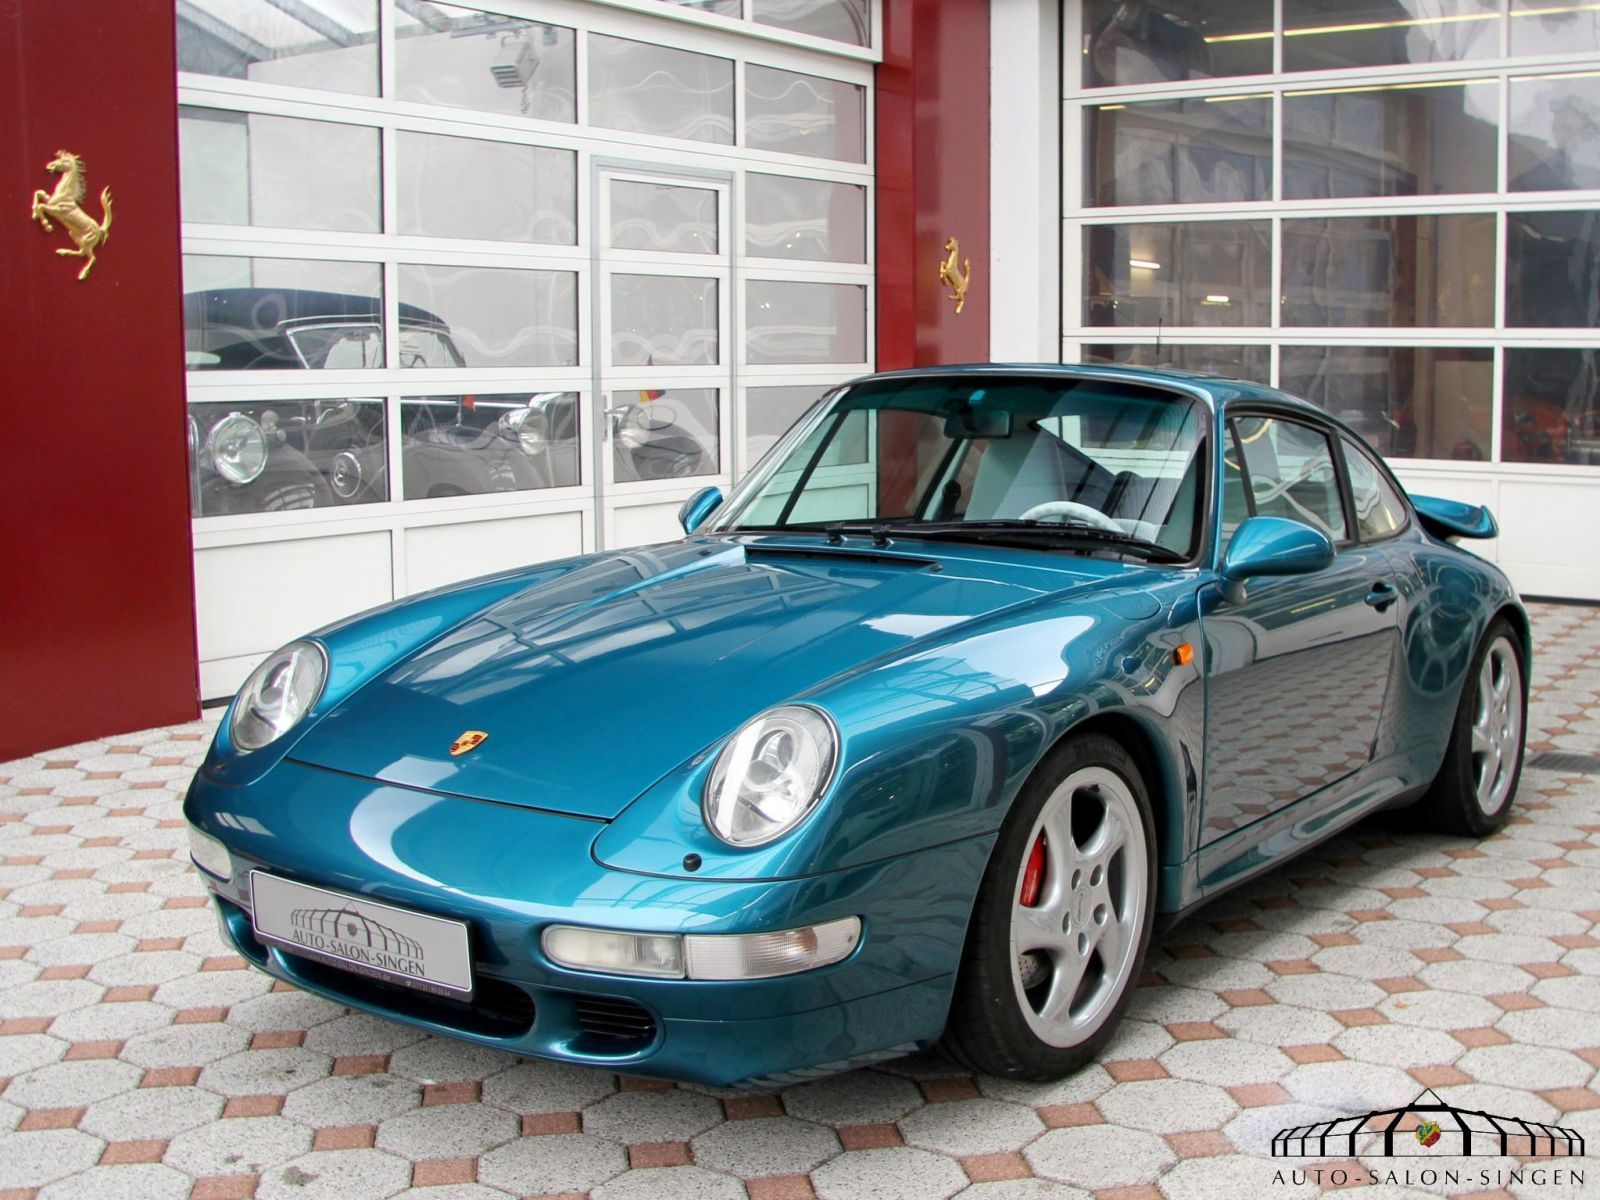 Porsche 993 Turbo Coupé - Auto Salon Singen